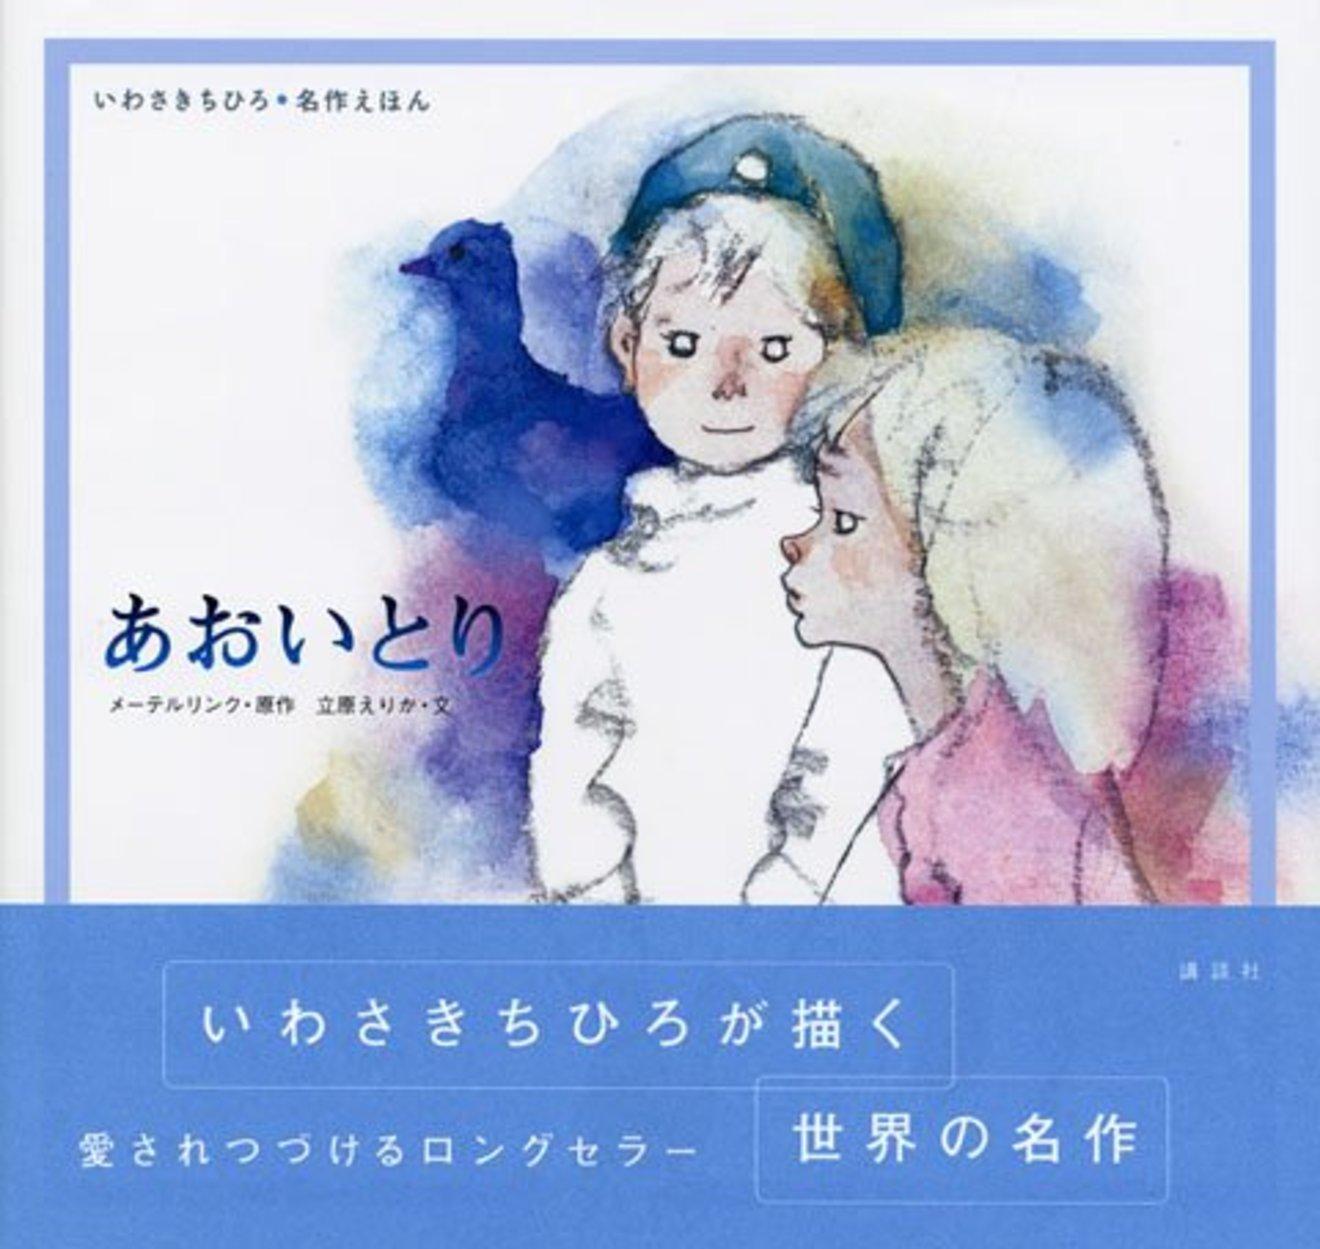 童話「青い鳥」における幸せとは。解釈を考察!あらすじやおすすめ絵本も